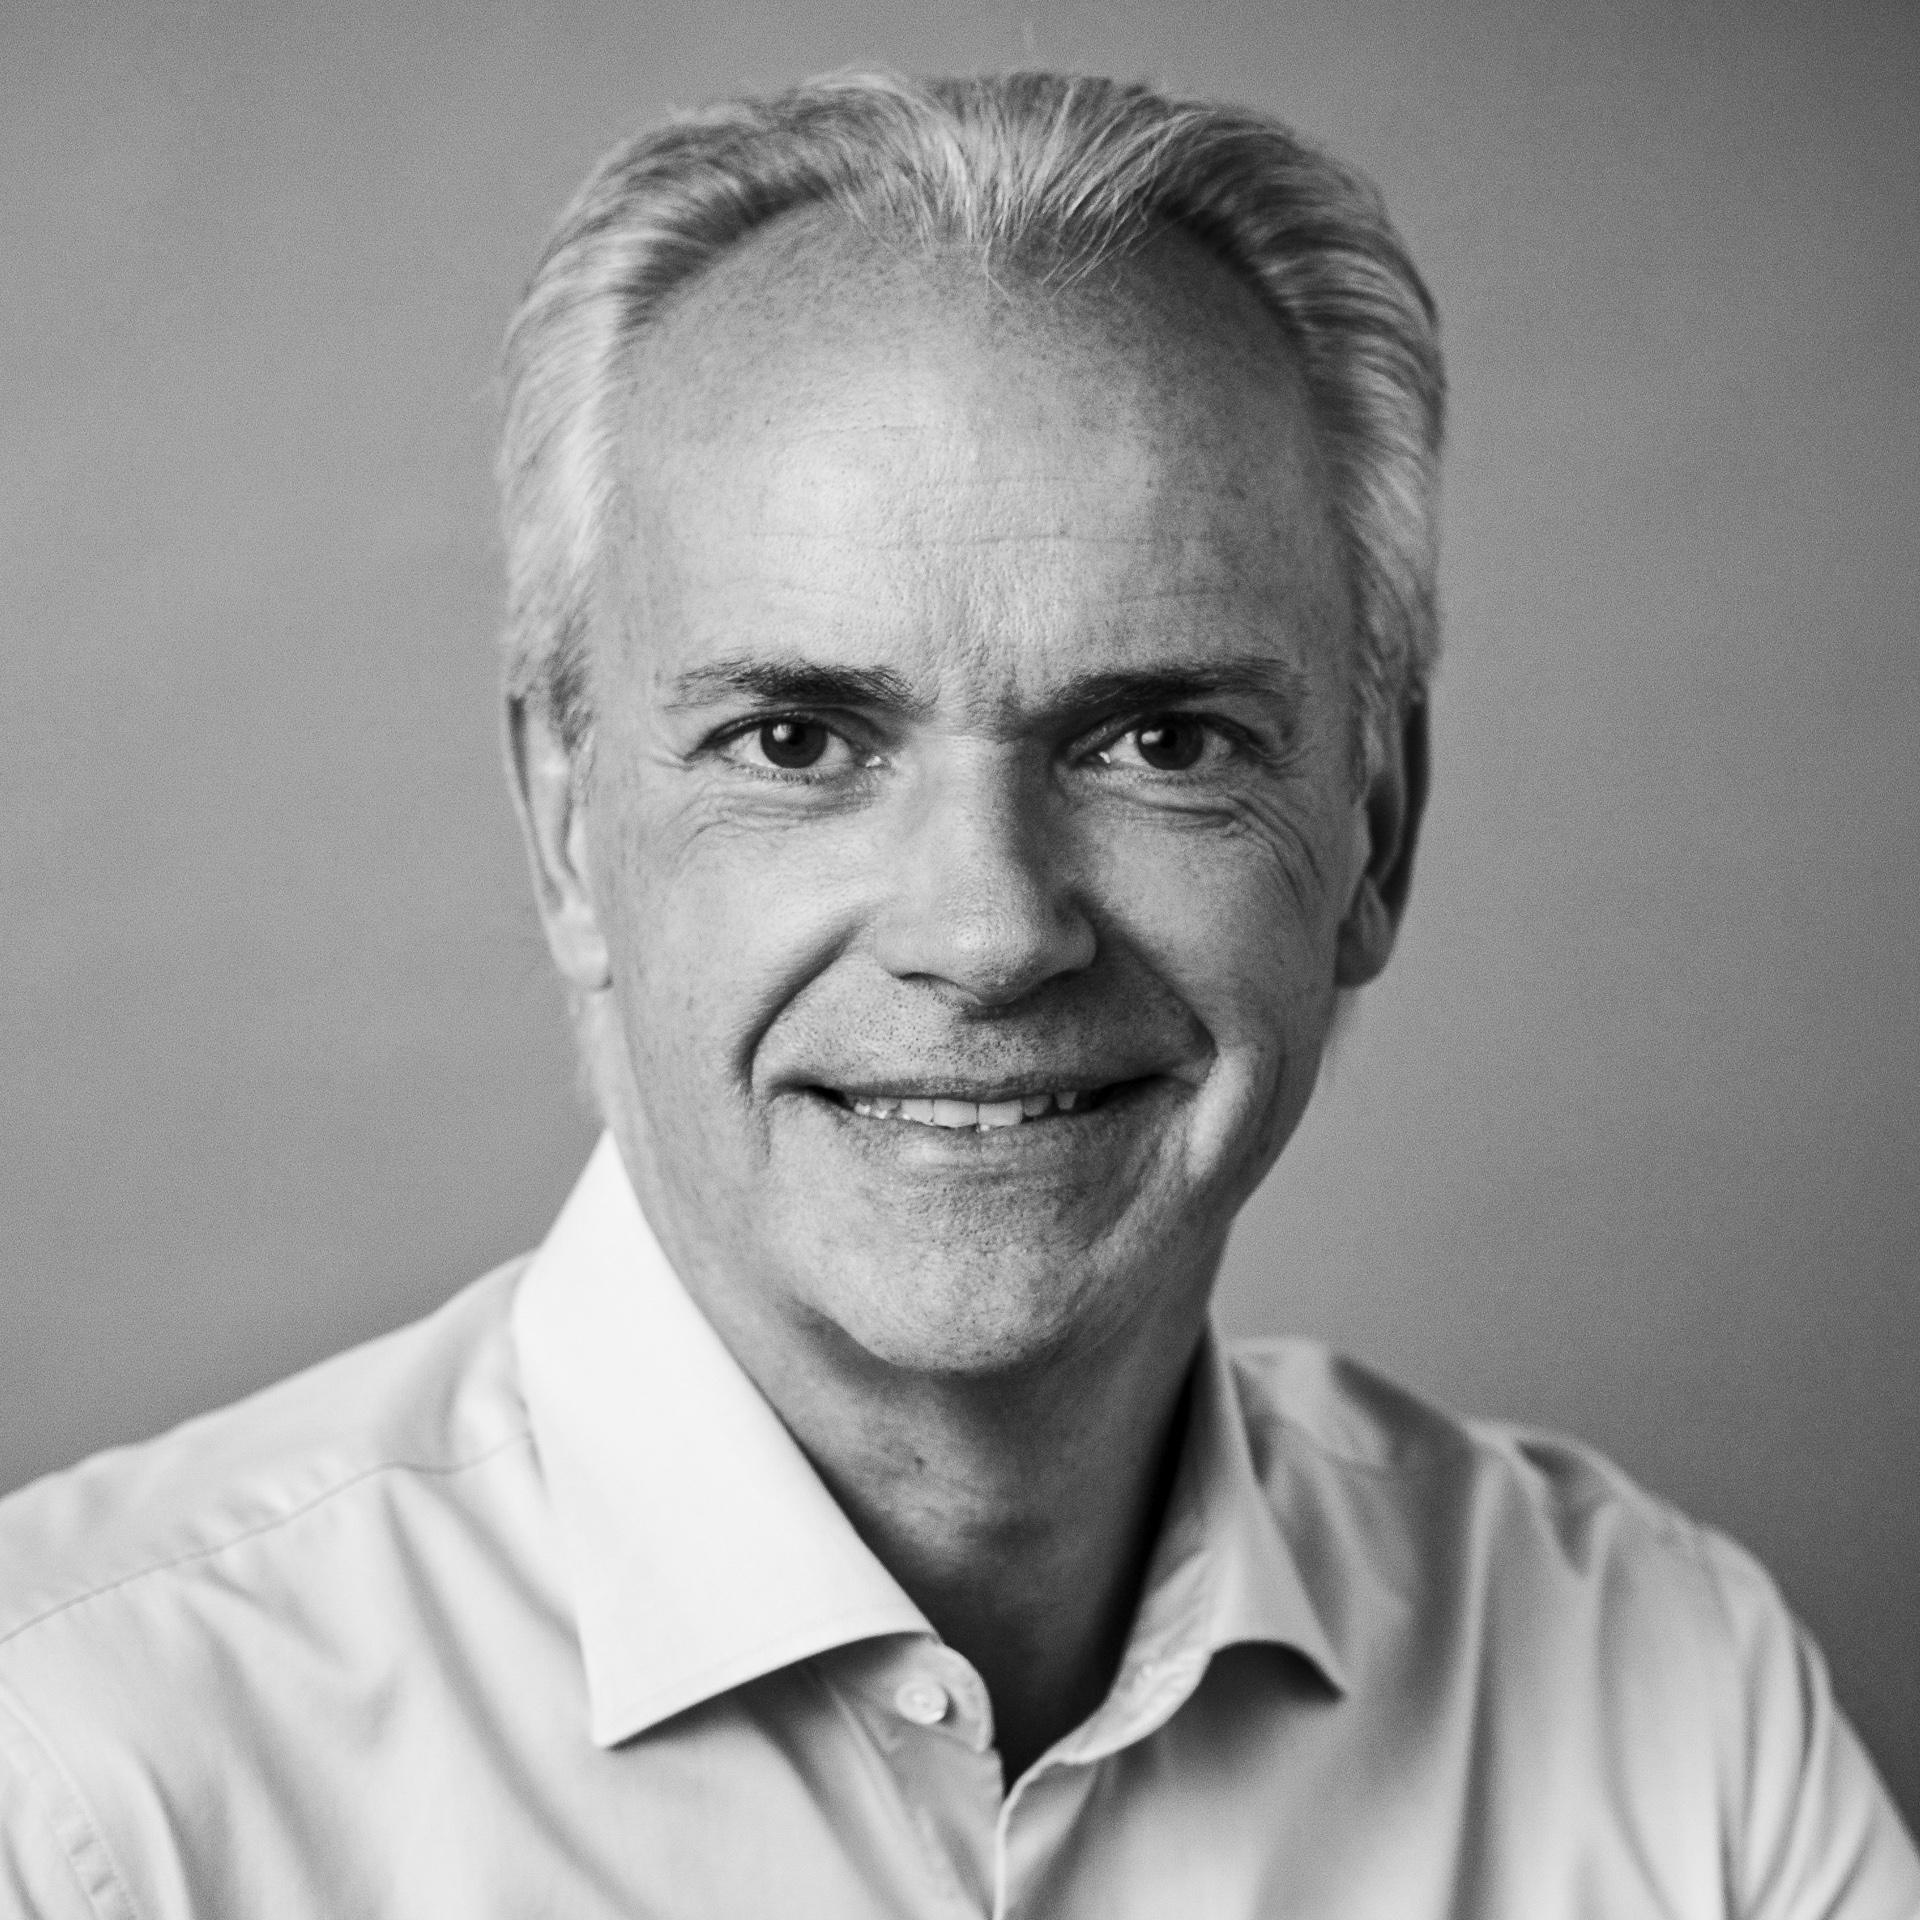 Michael W. Nimtsch